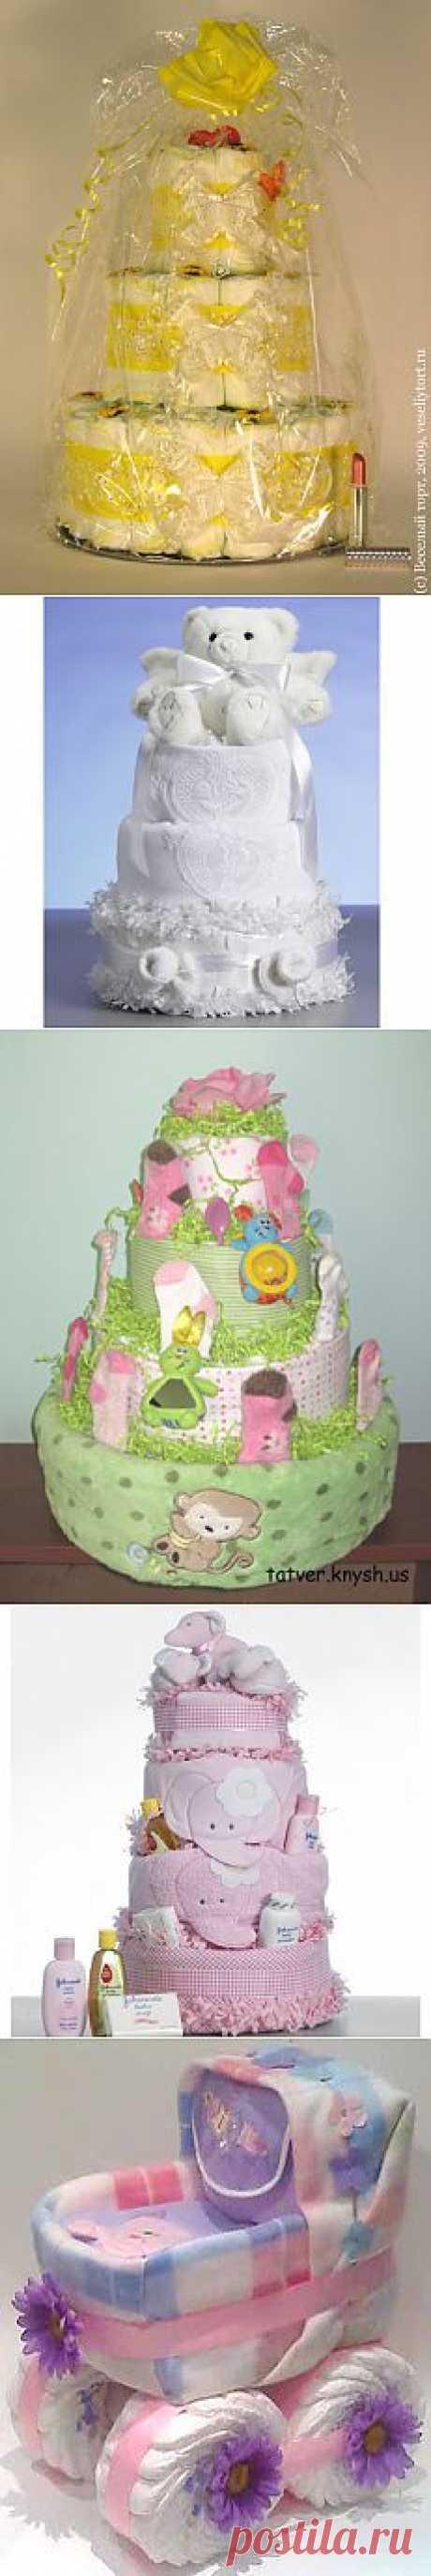 Чудесный тортик для малышей. Из памперсов!.